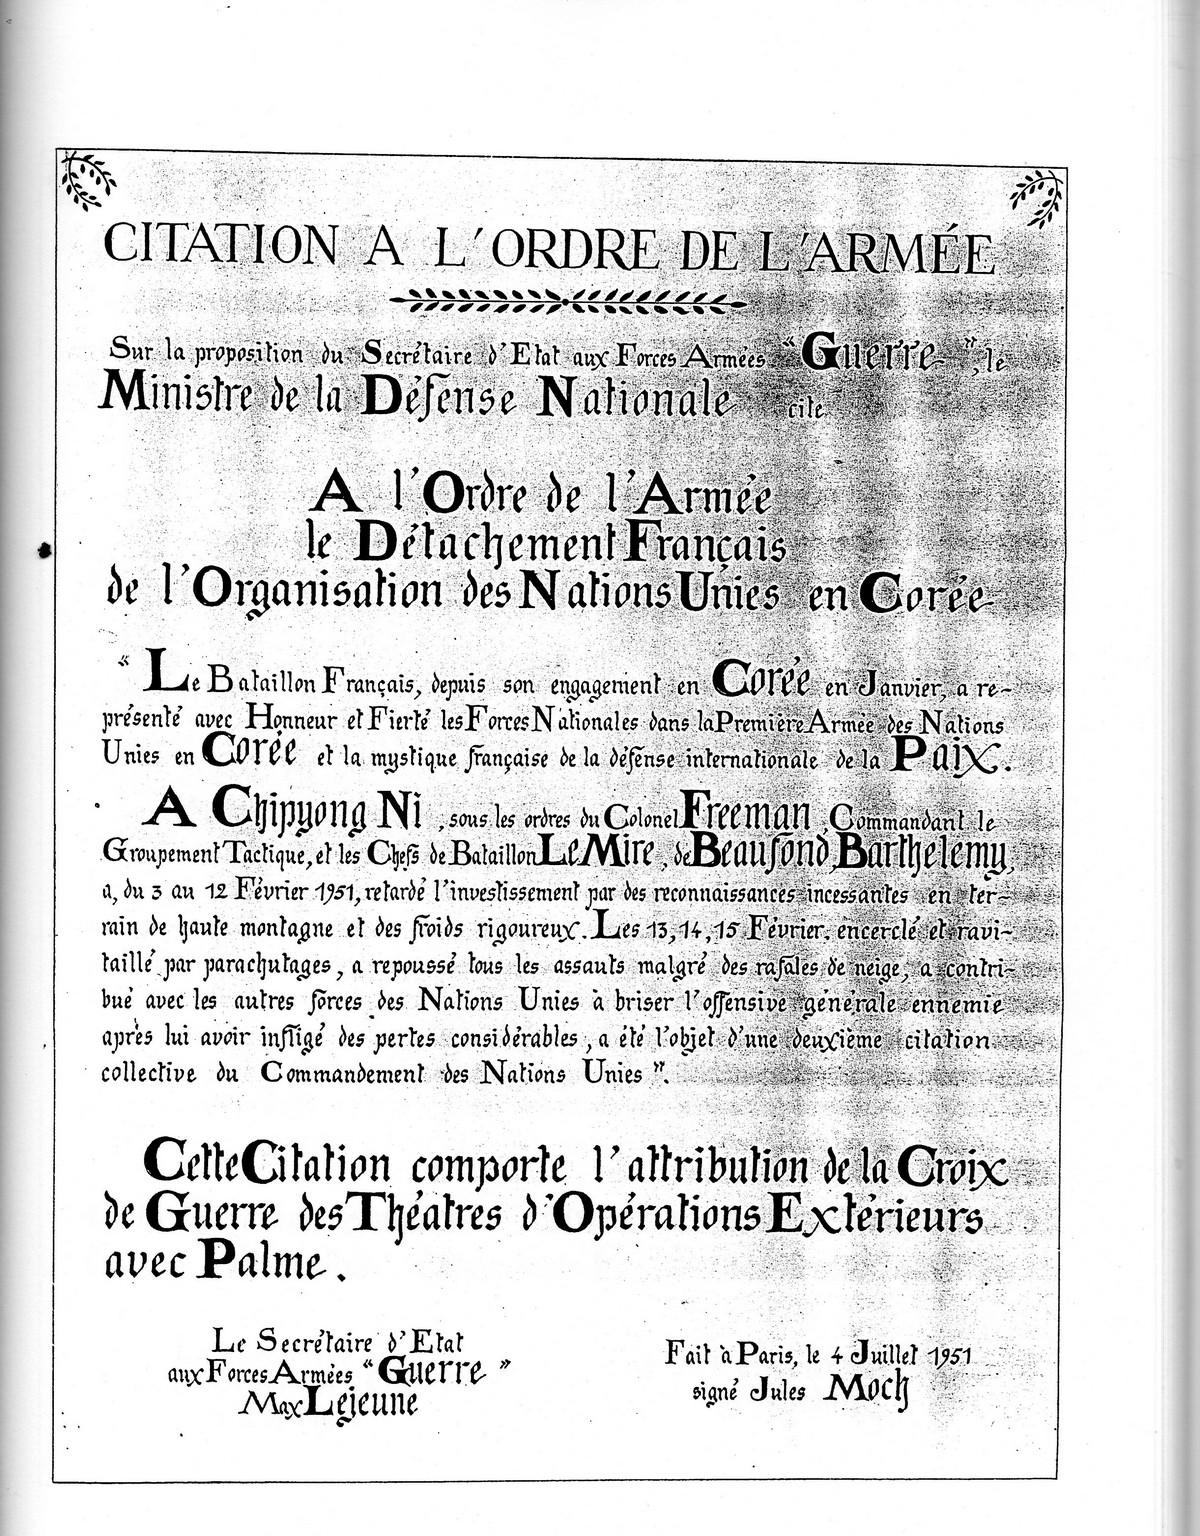 [OPÉRATIONS DE GUERRE] GUERRE DE CORÉE - TOME 2 - Page 3 871727512